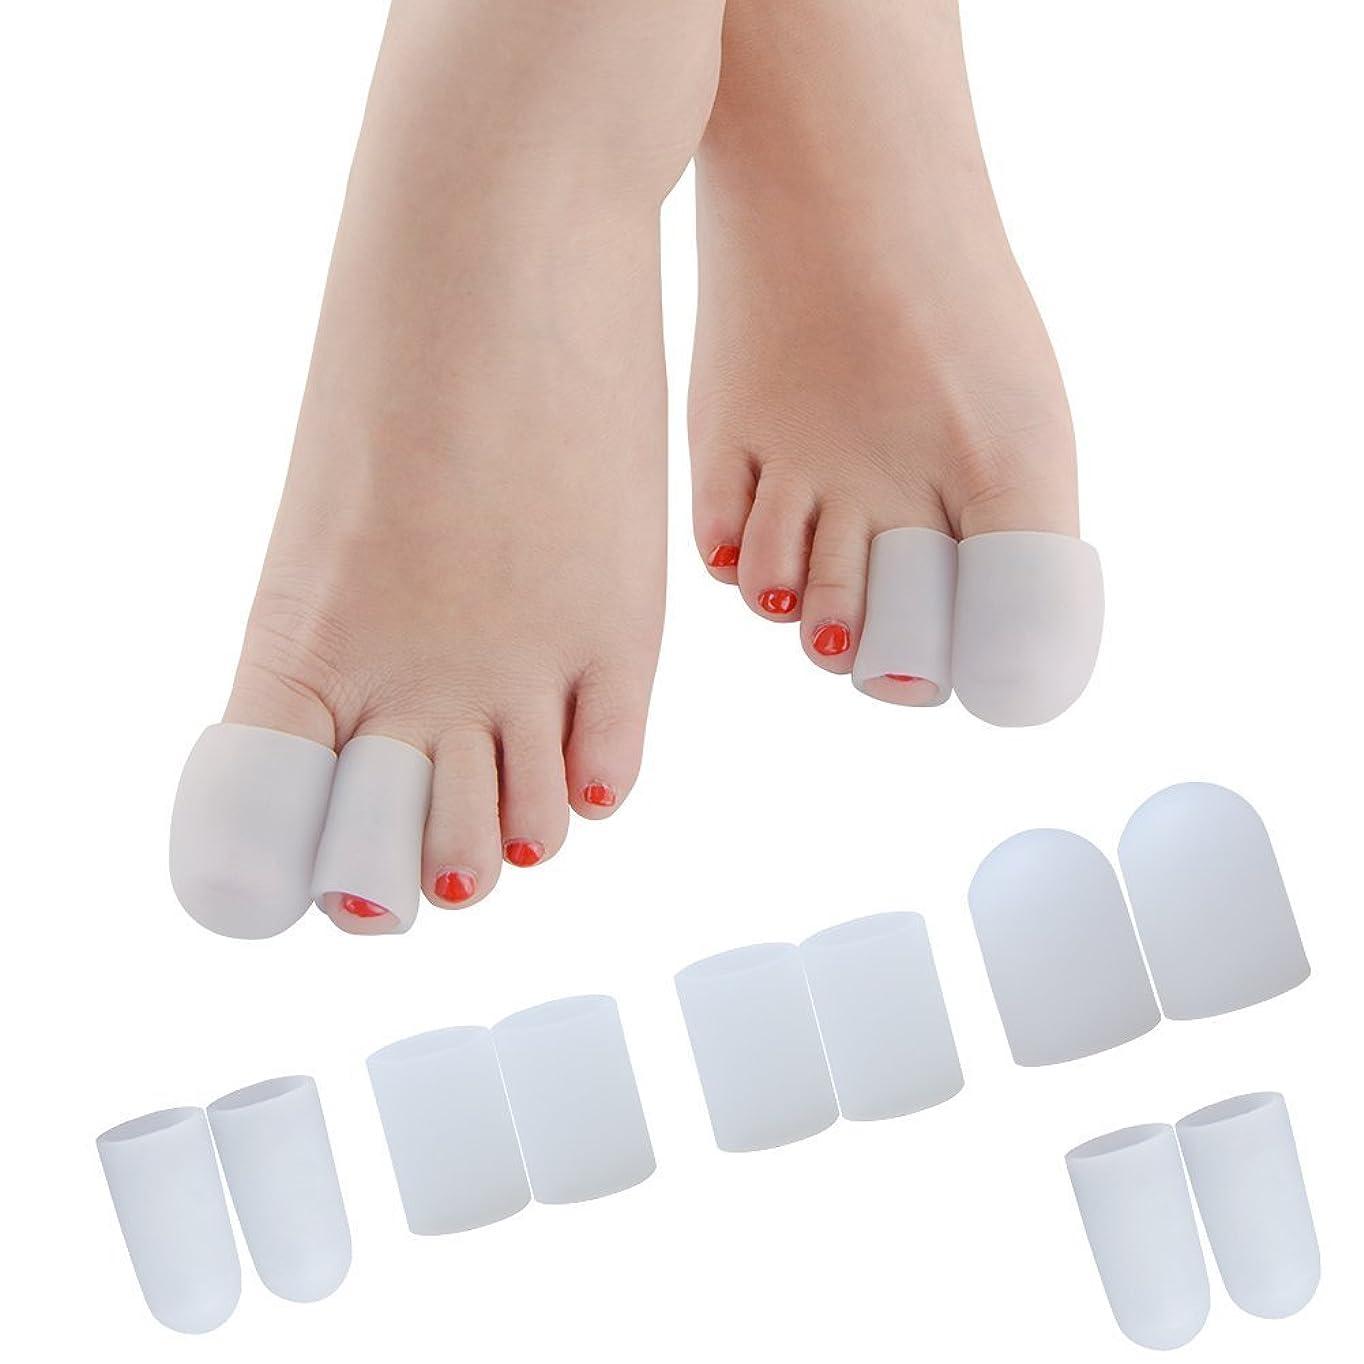 ご飯留まる怪物Povihome 足指 足爪 保護キャップ 親指, 足先のつめ保護キャップ, つま先キャップ 白い 5ペア,足指保護キャップ